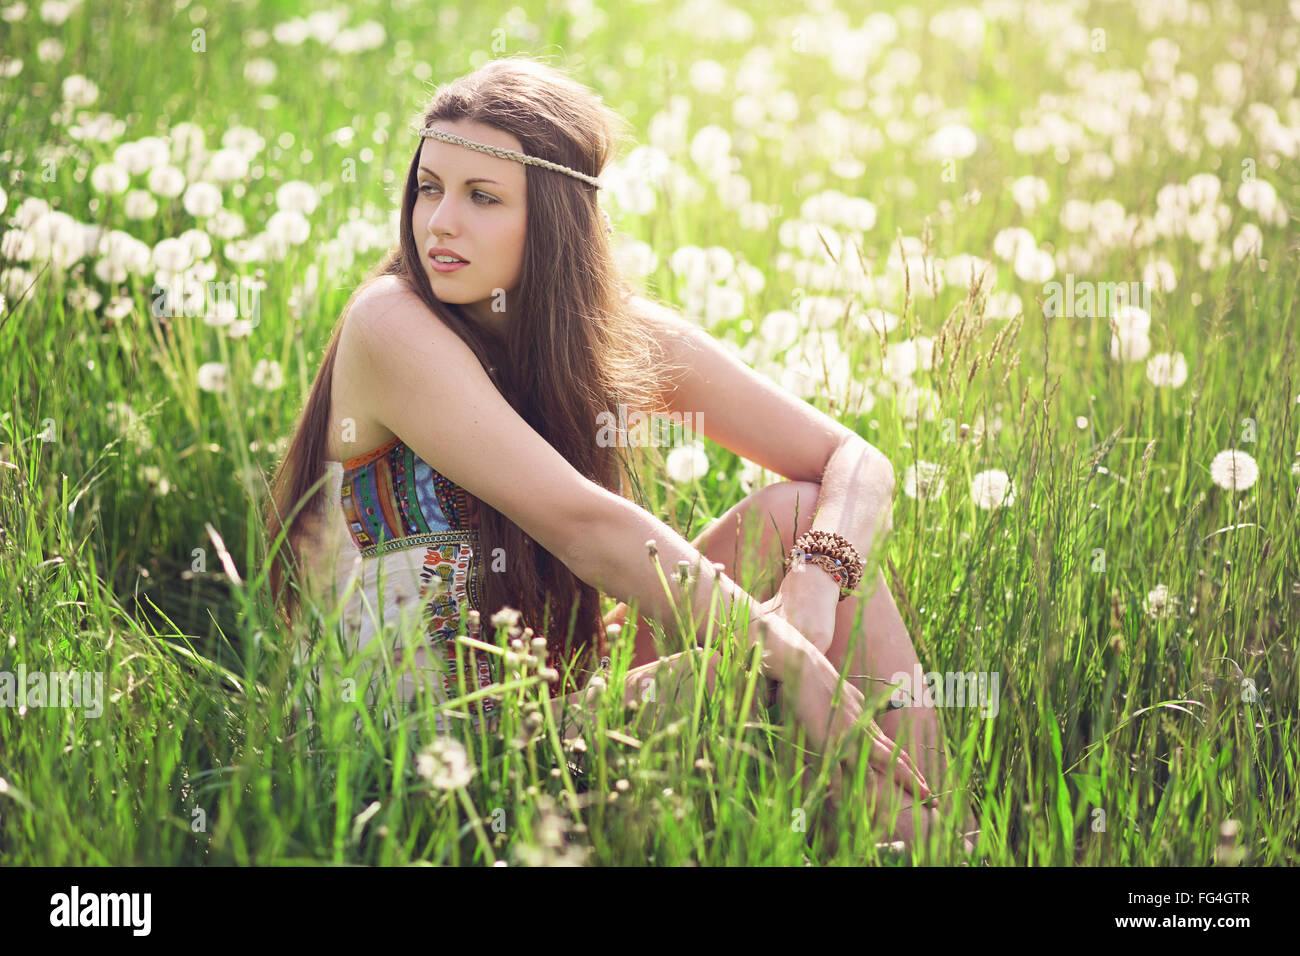 Schöne Frau auf einer blühenden Wiese. Harmonie von Natur und Freiheit Stockbild